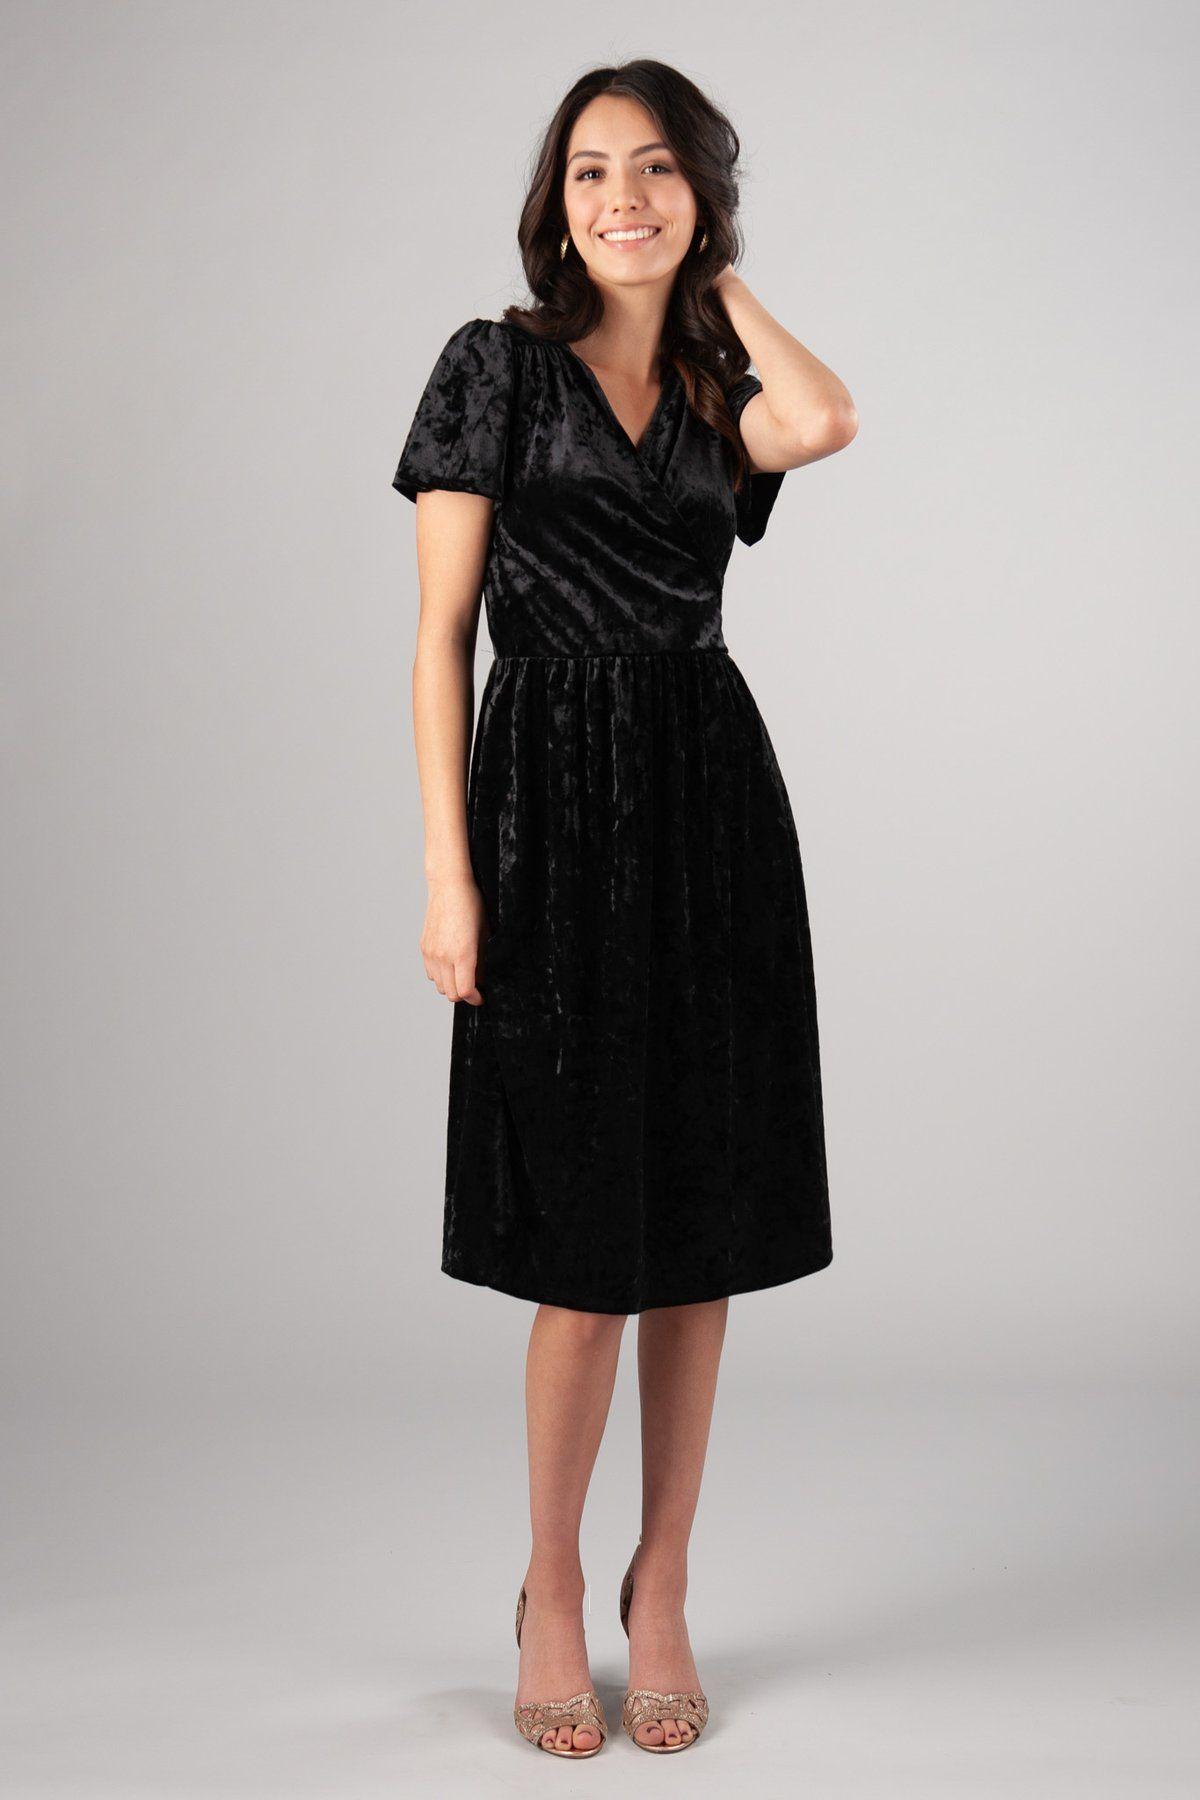 Velvet sheen darling modest dress, style MK25167 Black, is